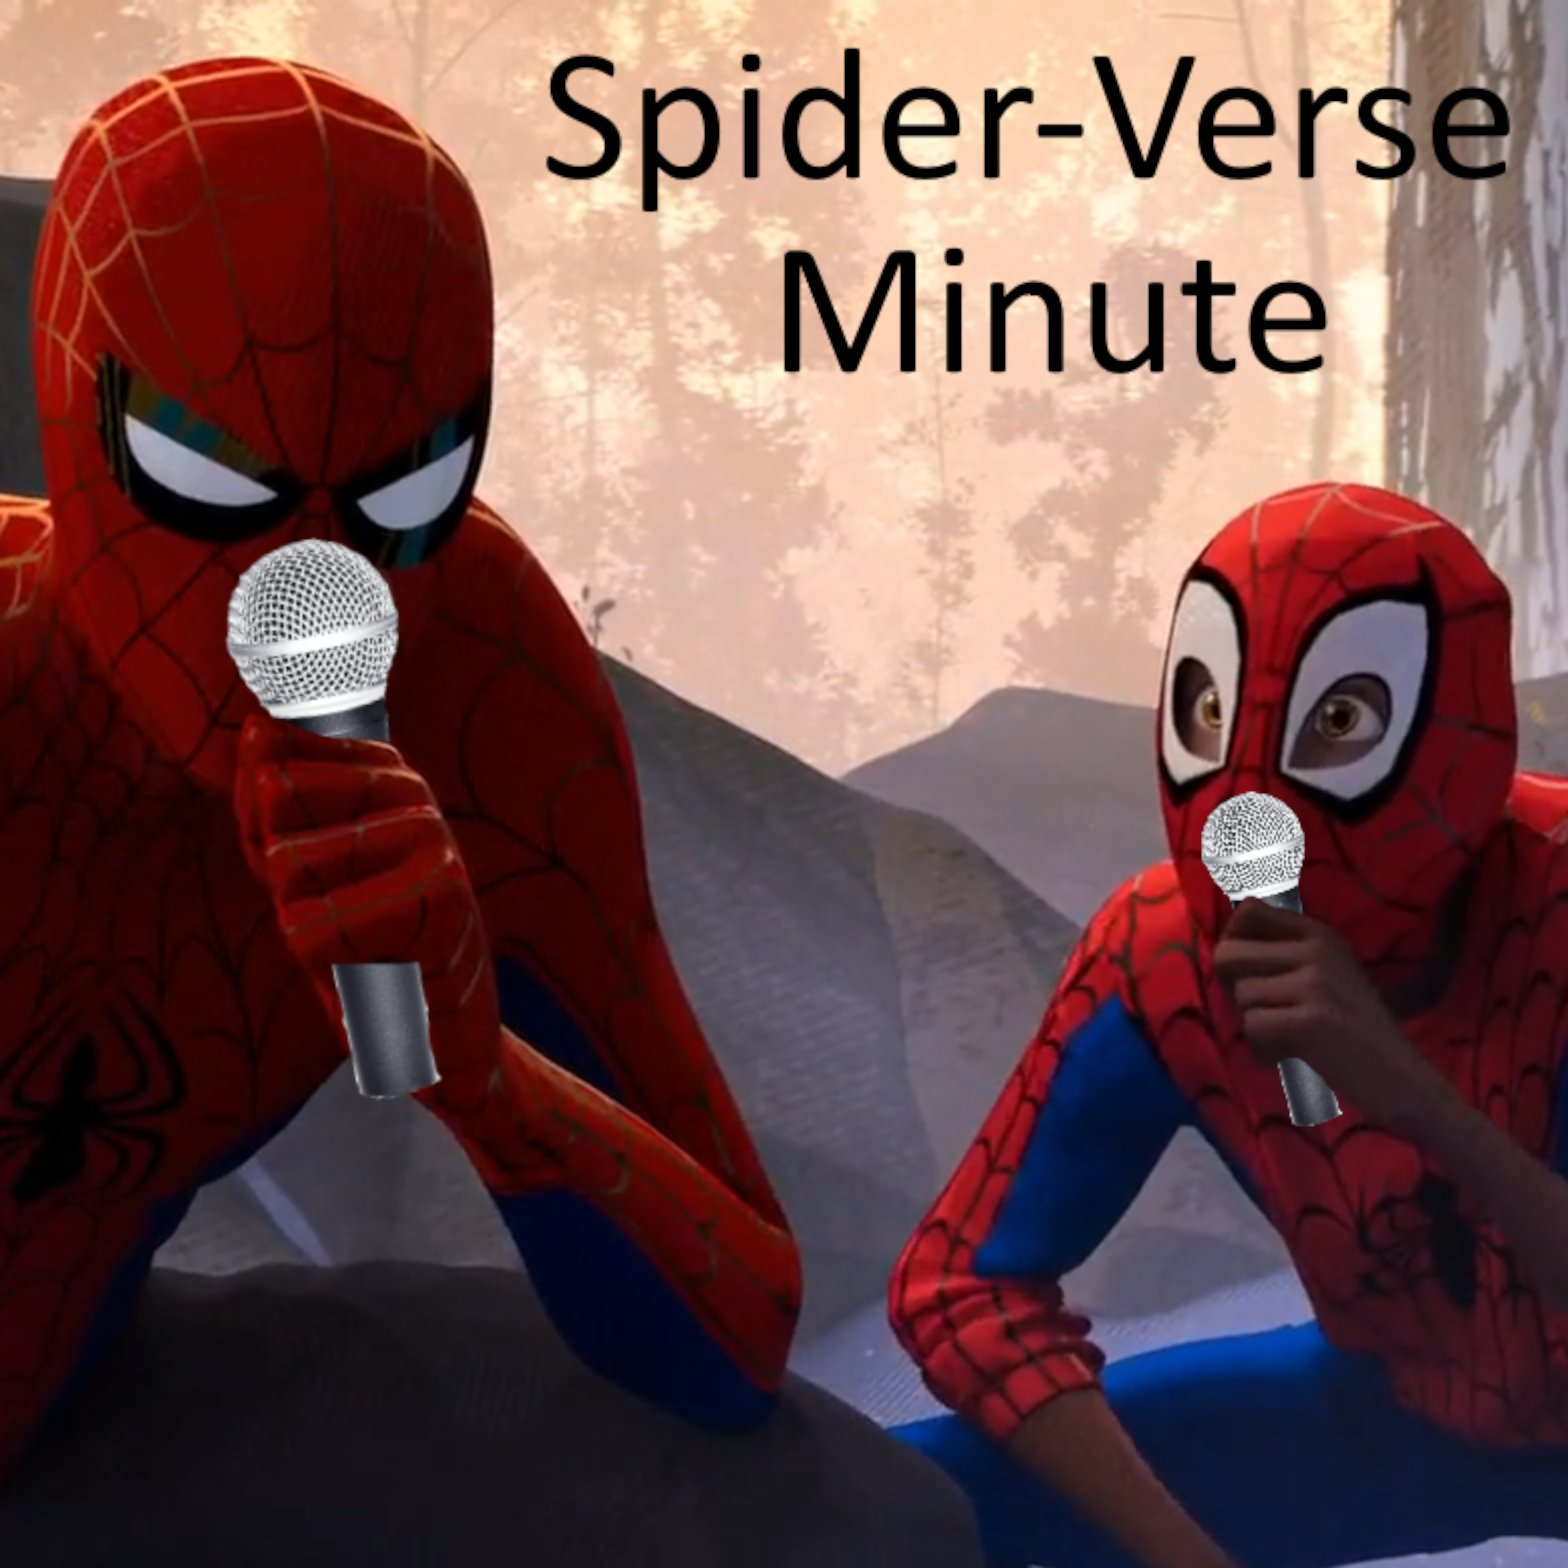 Spider-Verse Minute